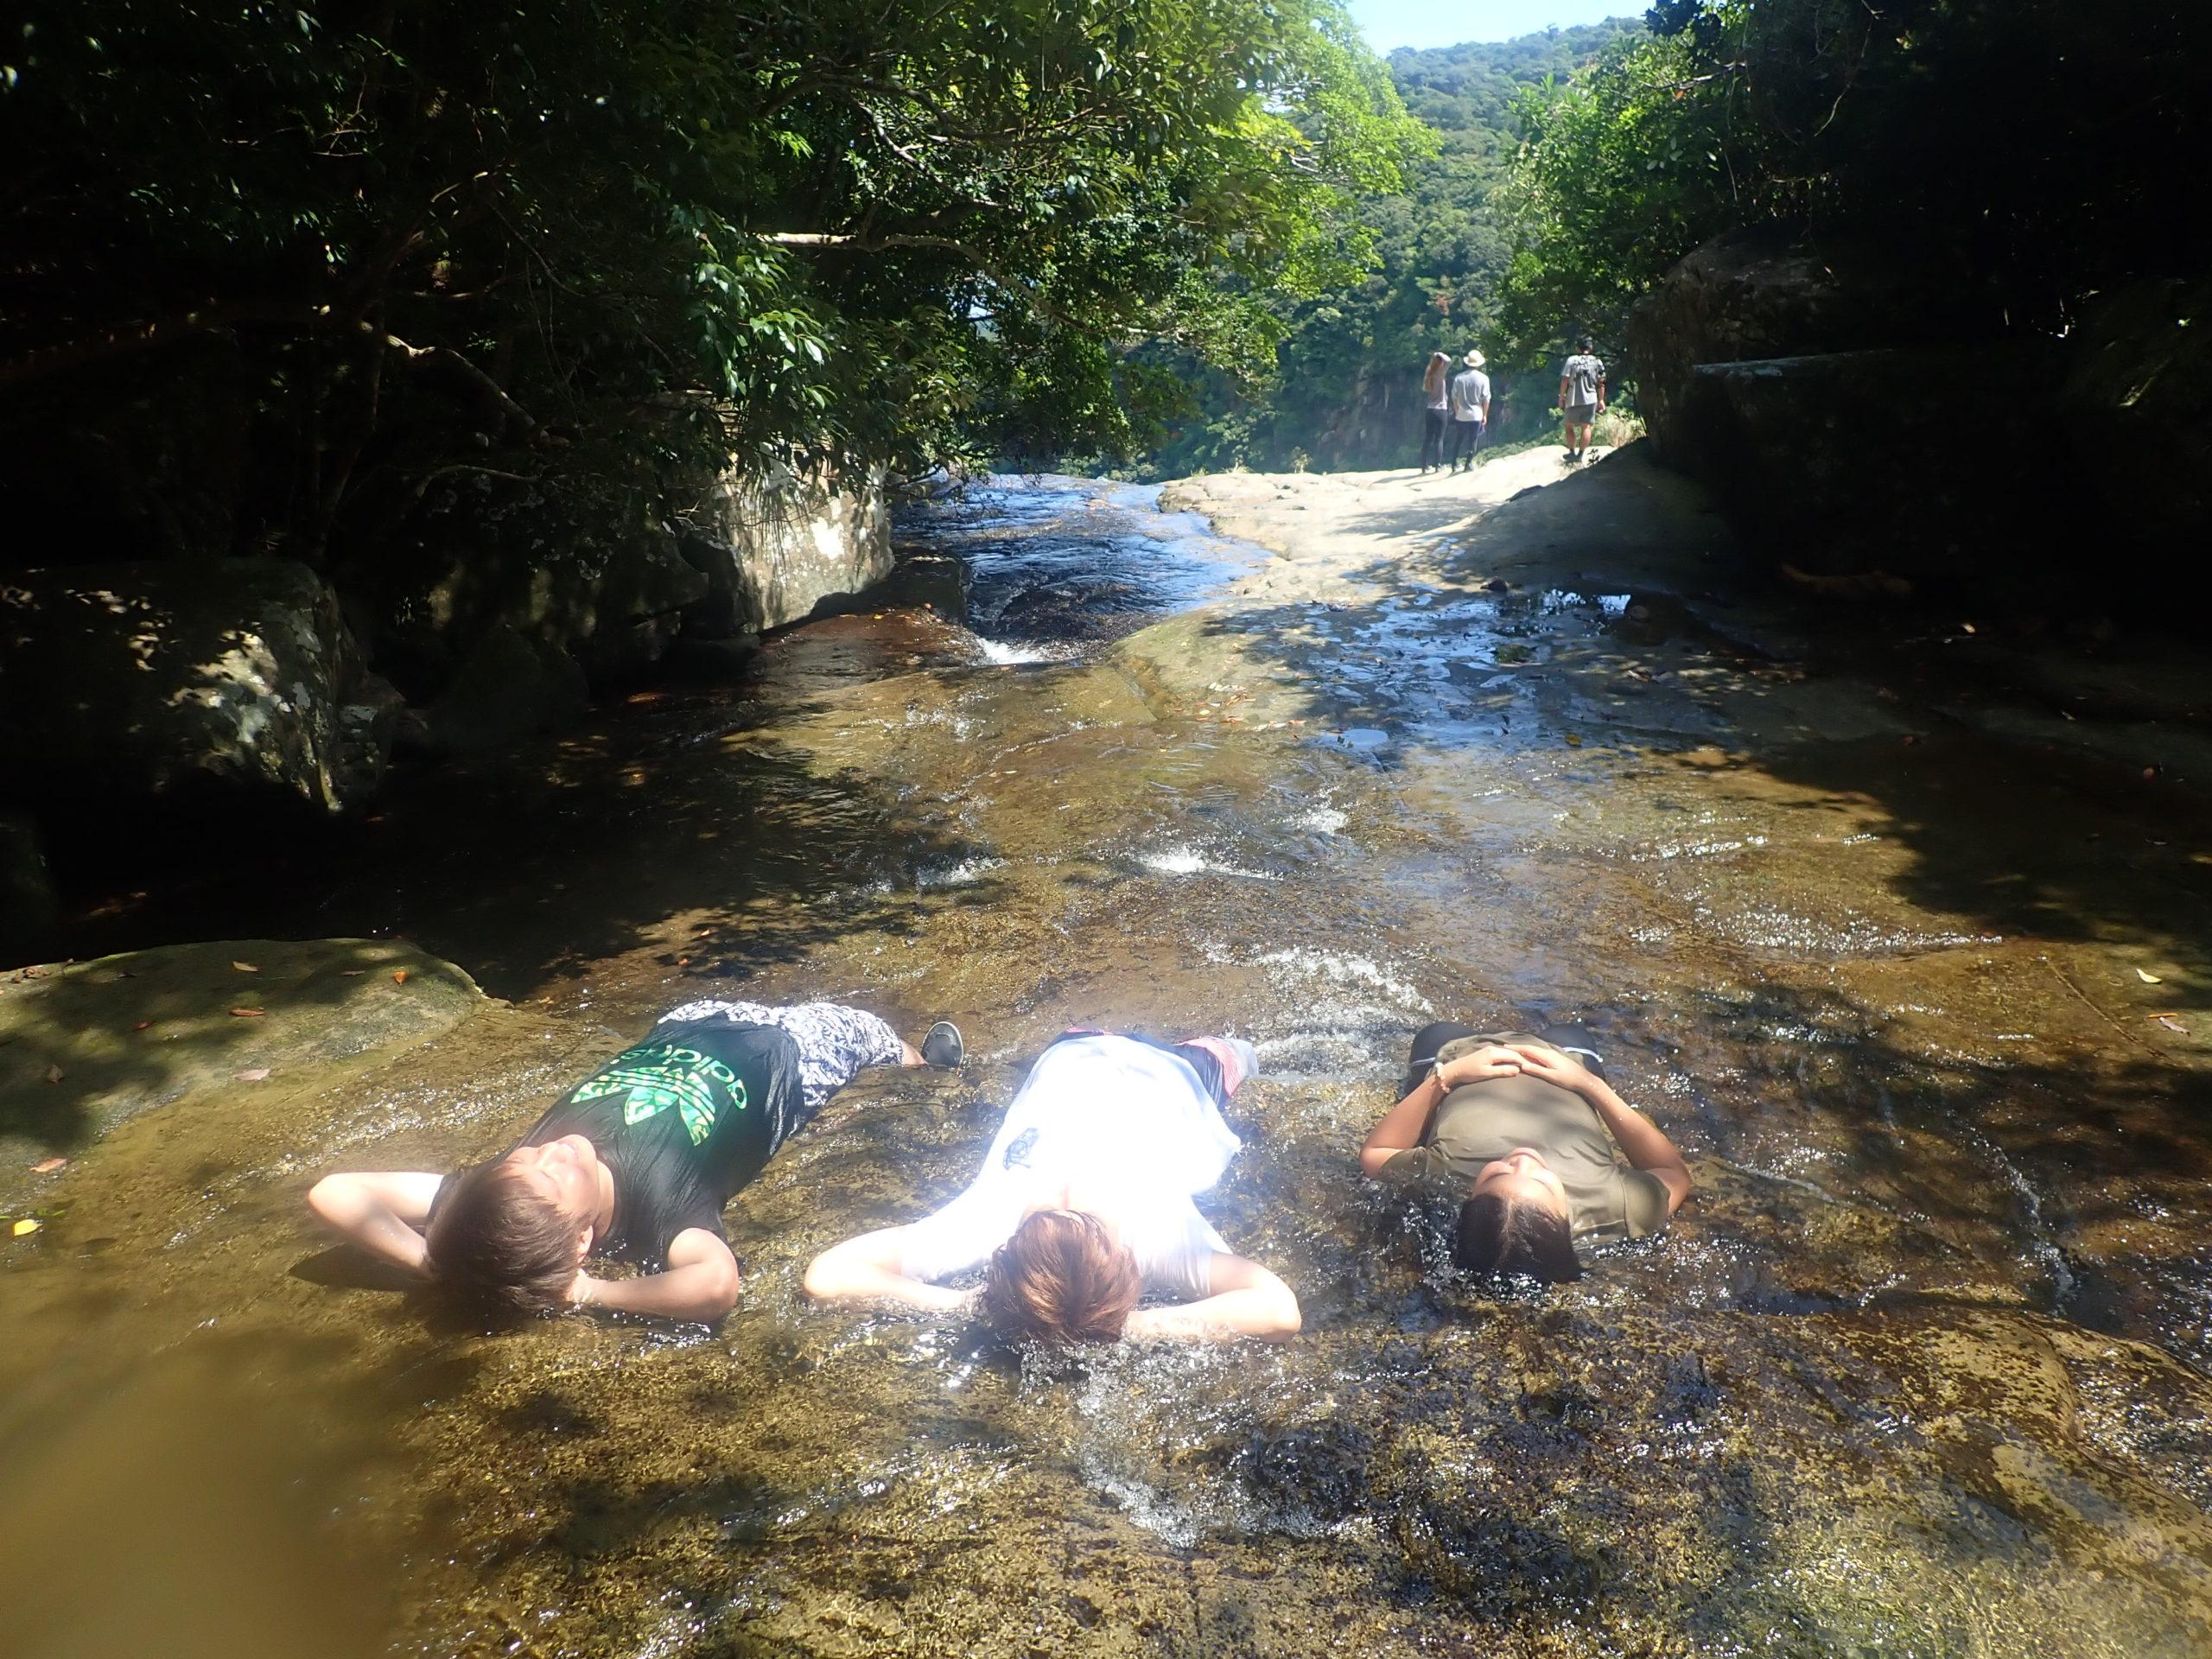 少し遅い夏休み 西表島 ピナイサーラの滝カヌーツアー